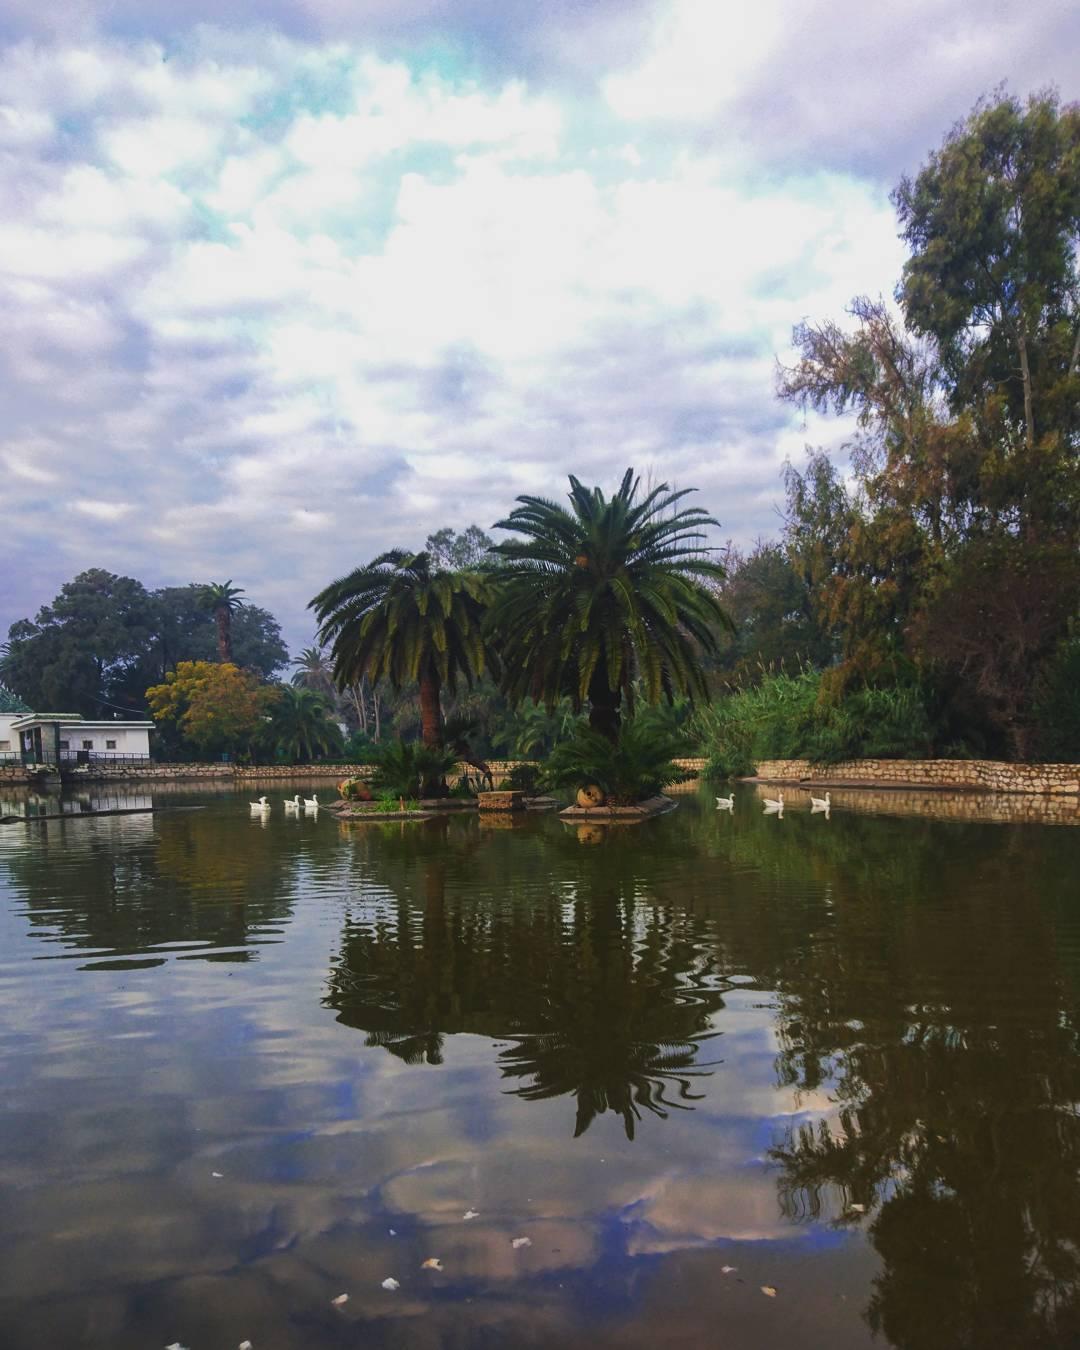 Belvedere Park top attractions in Tunis